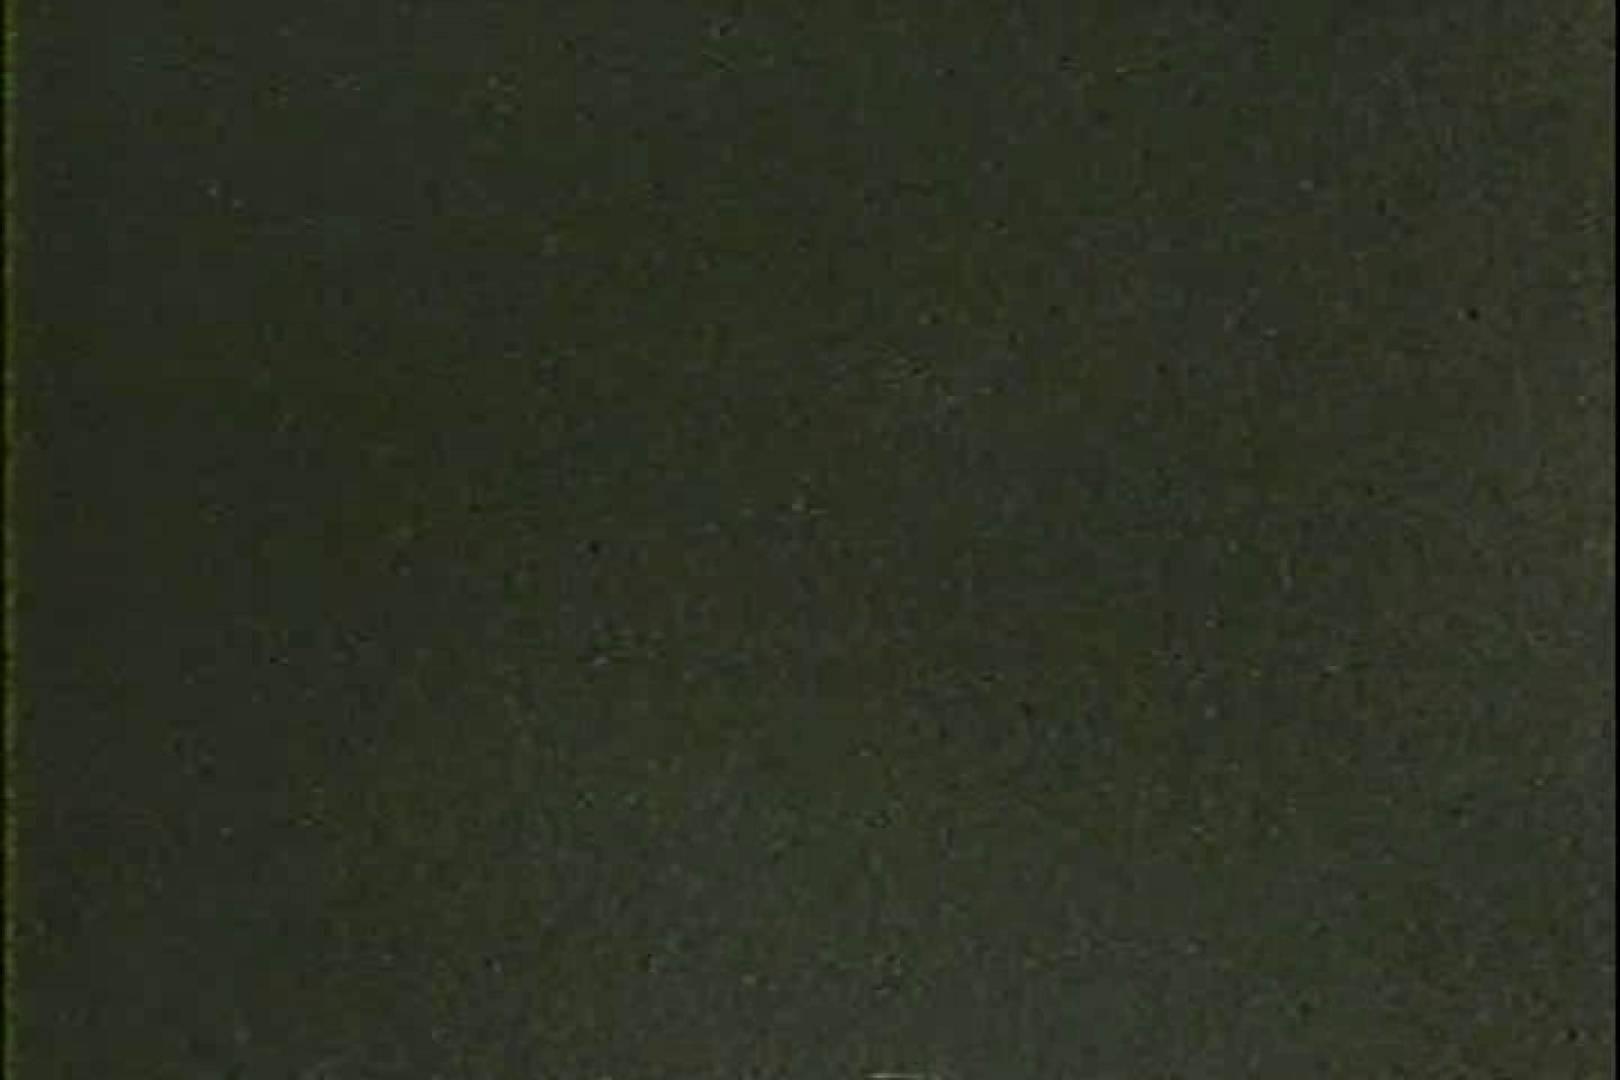 「ちくりん」さんのオリジナル未編集パンチラVol.5_02 パンチラ  90枚 18